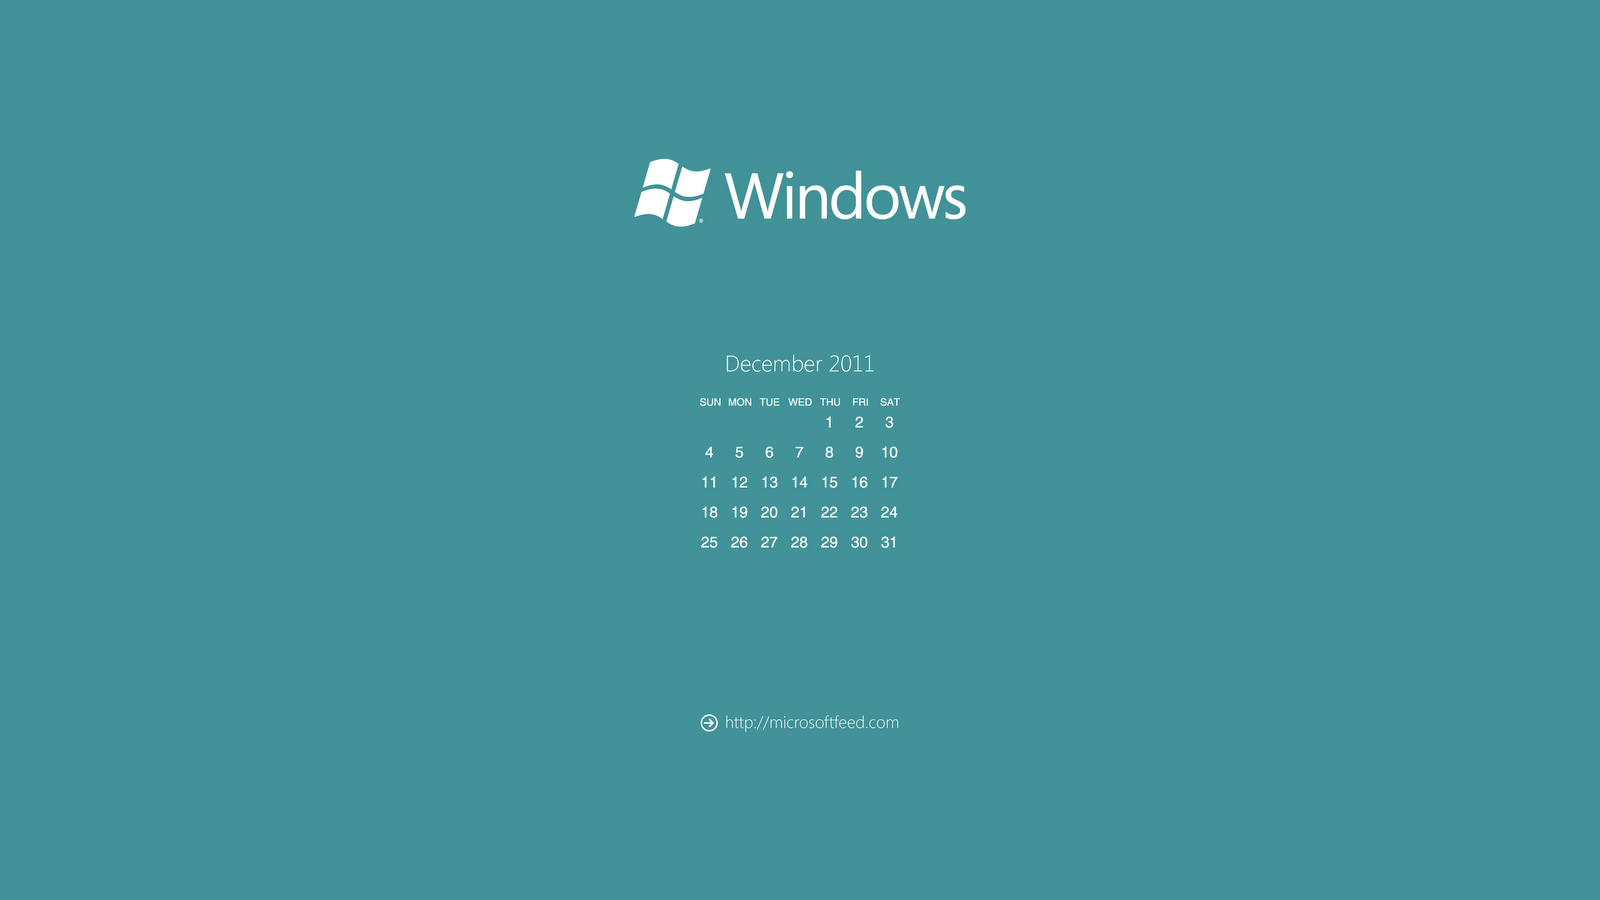 Kostenlose Hd Hintergrundbilder - Download winter wallpaper kostenlos downloaden Softonic